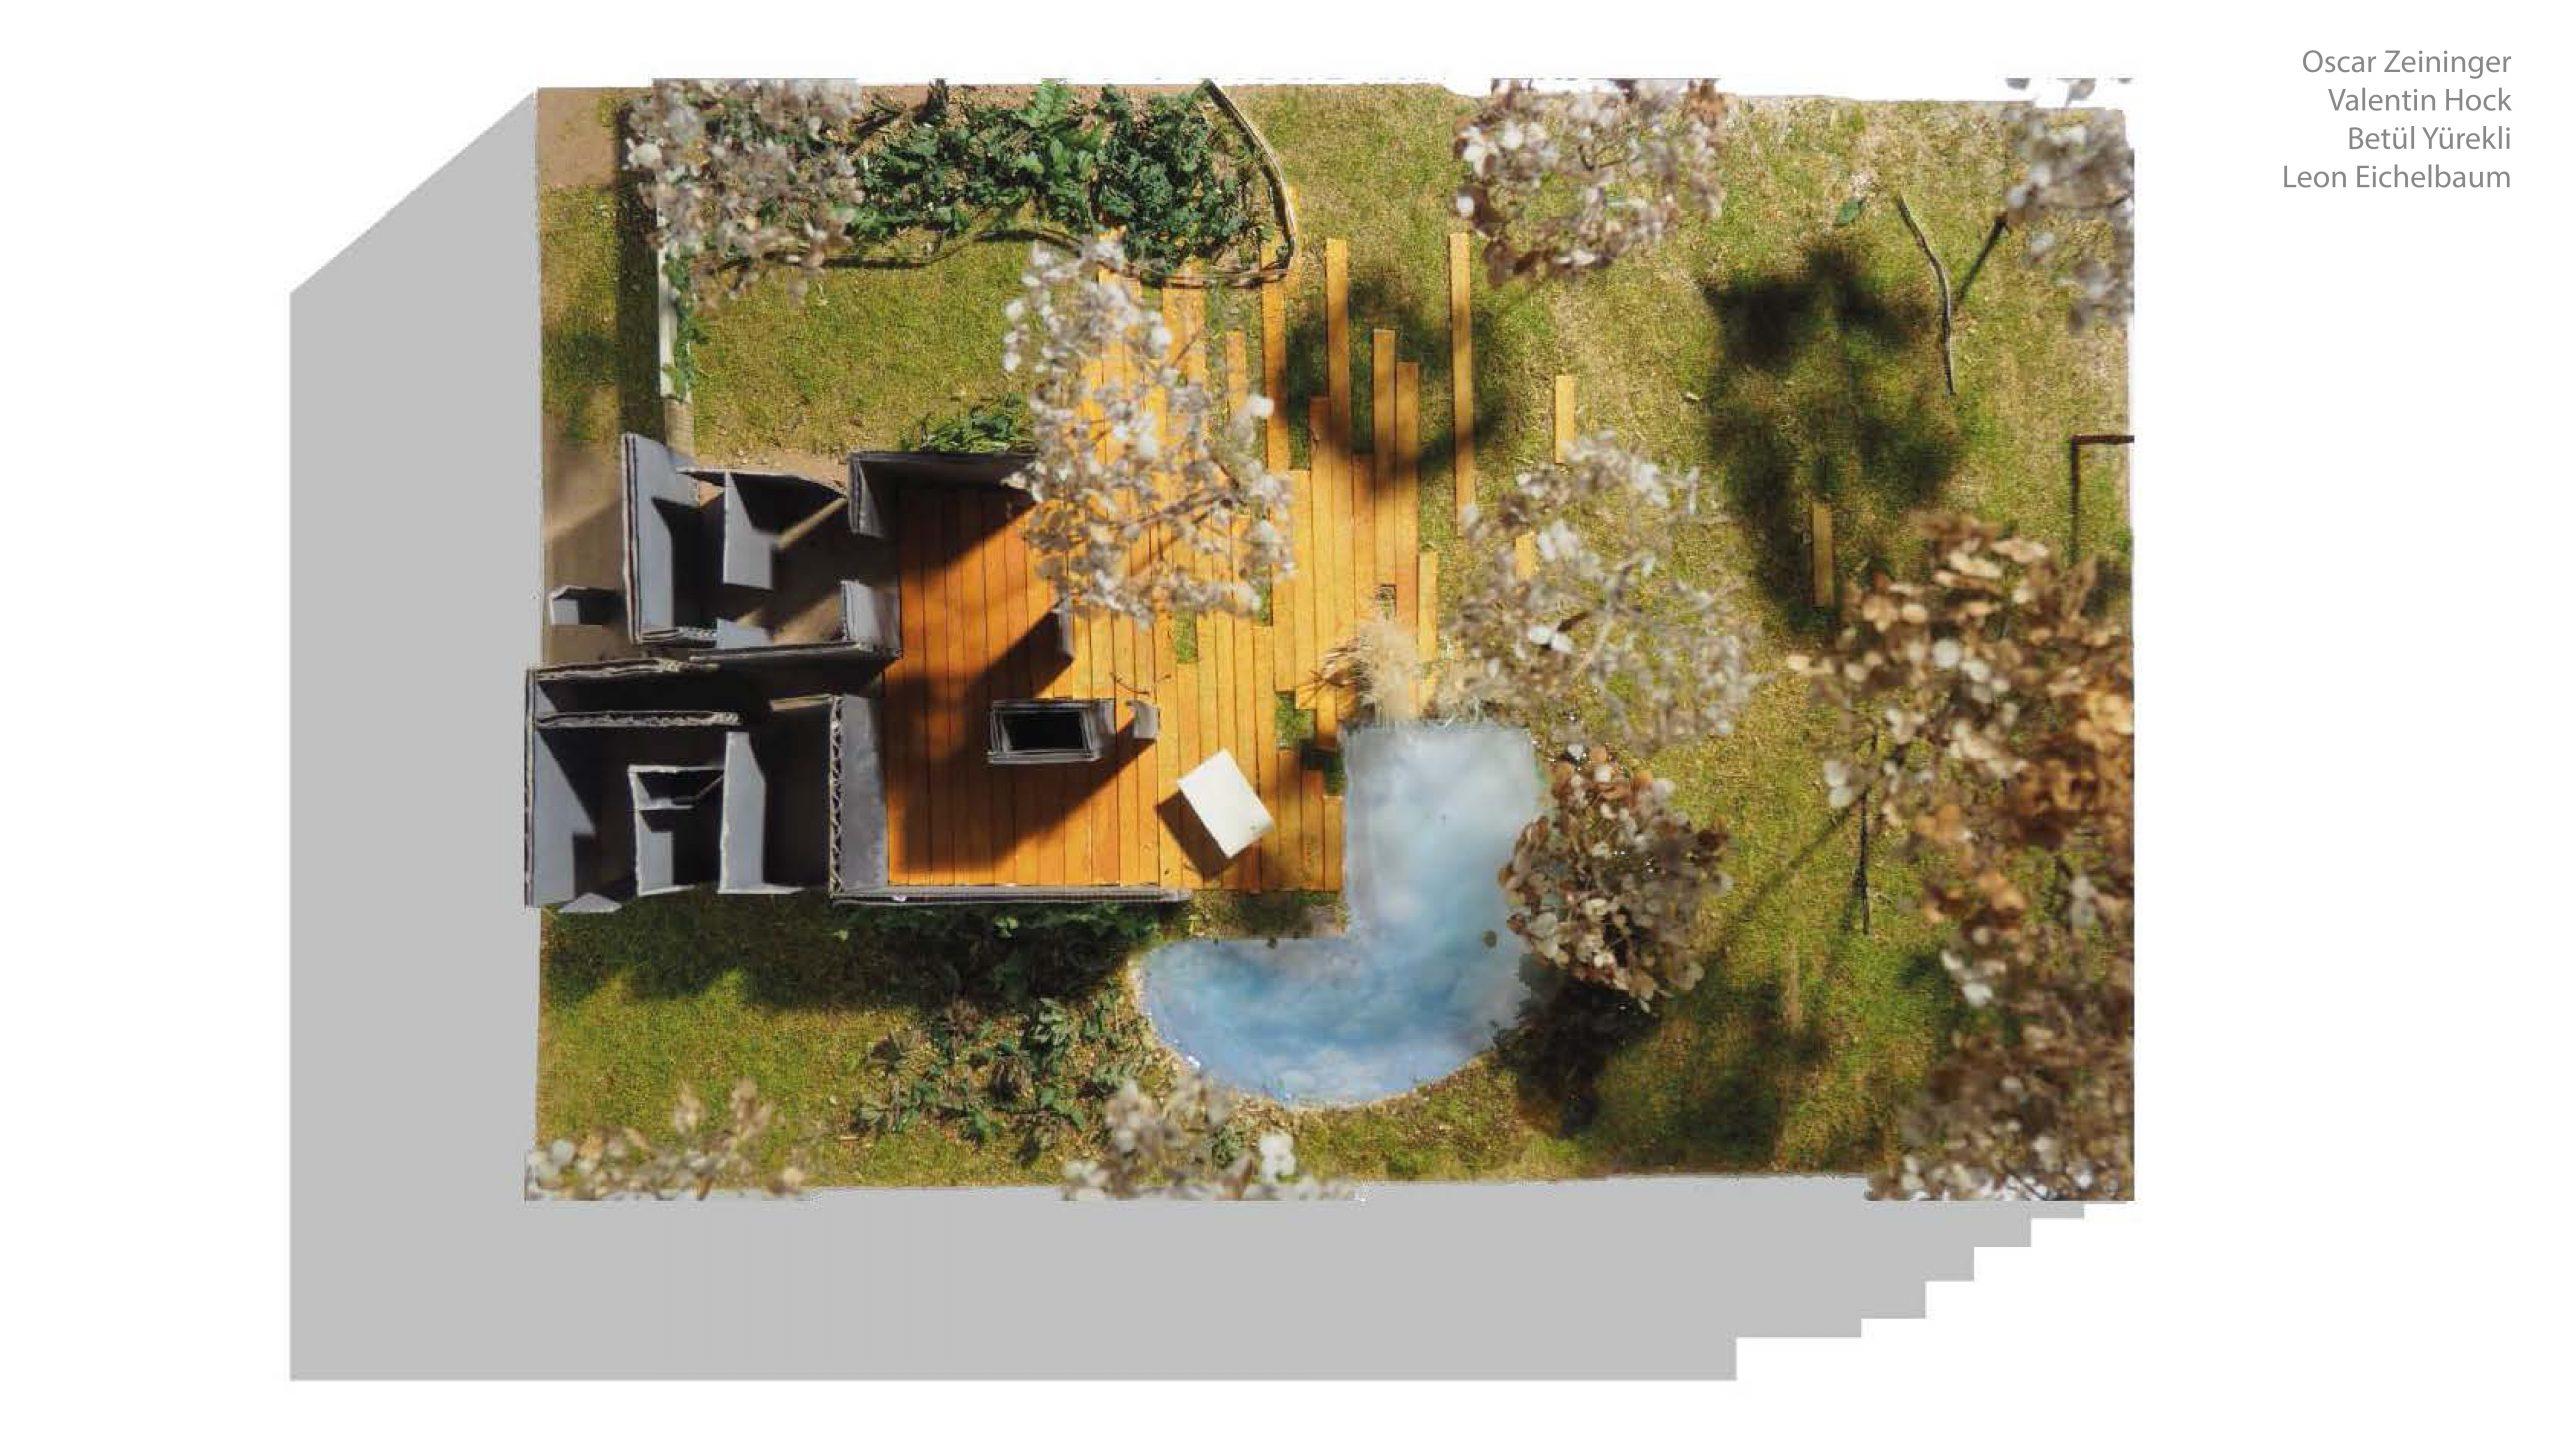 Offener Garten6